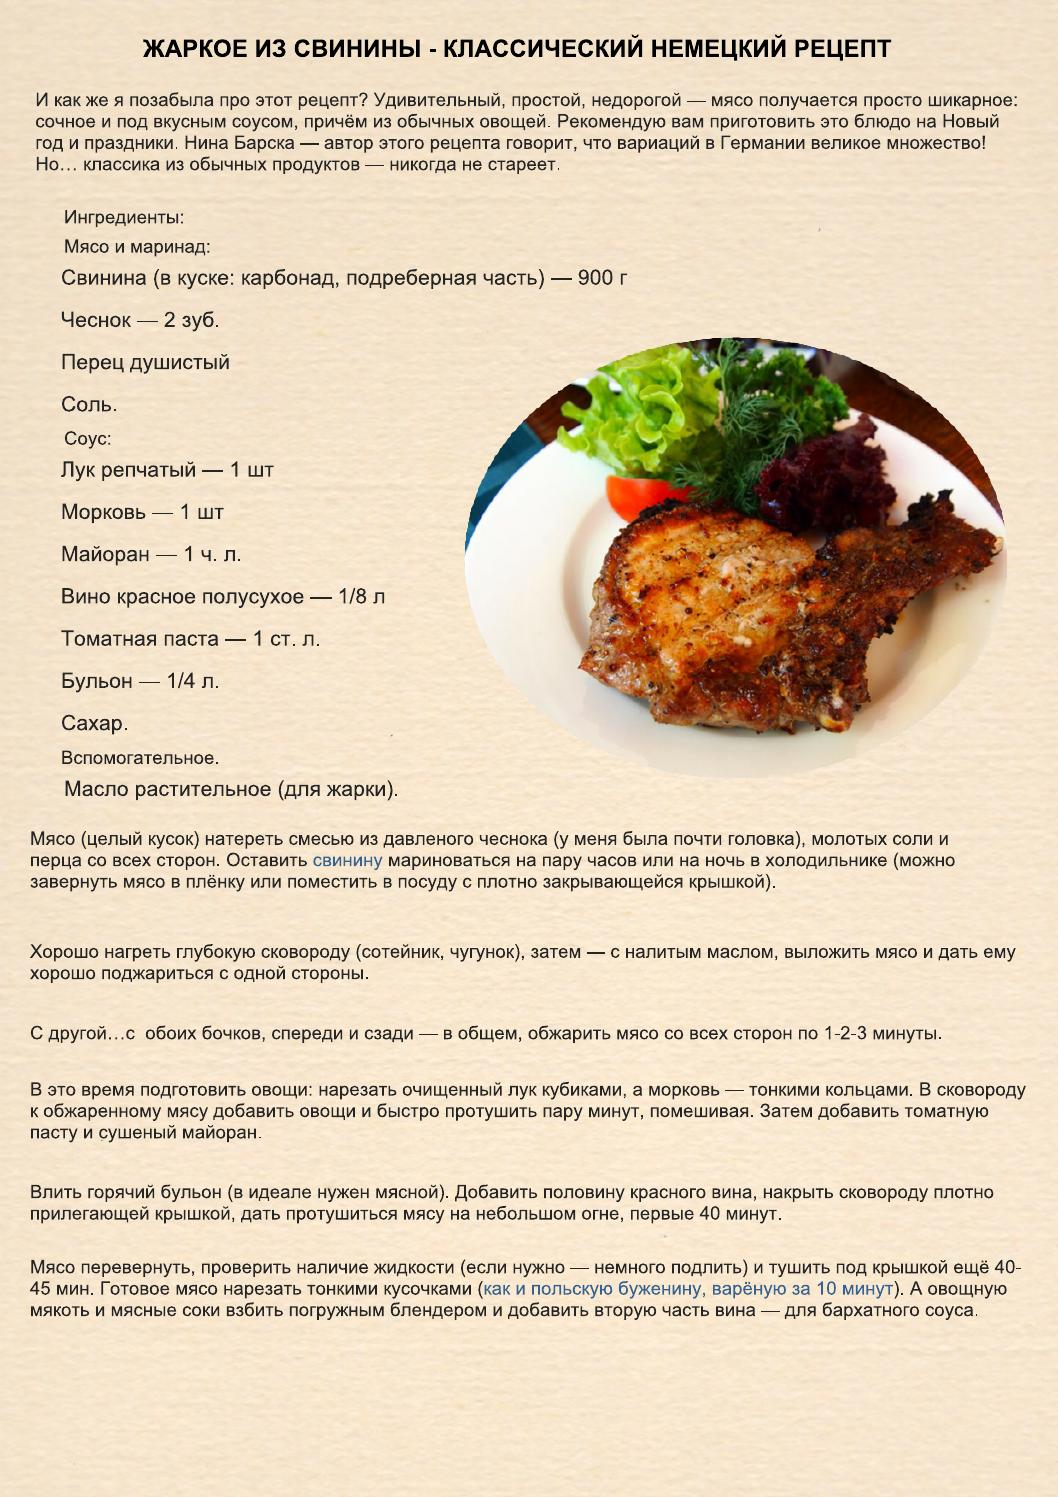 Рецепт жарки свинины в мультиварке